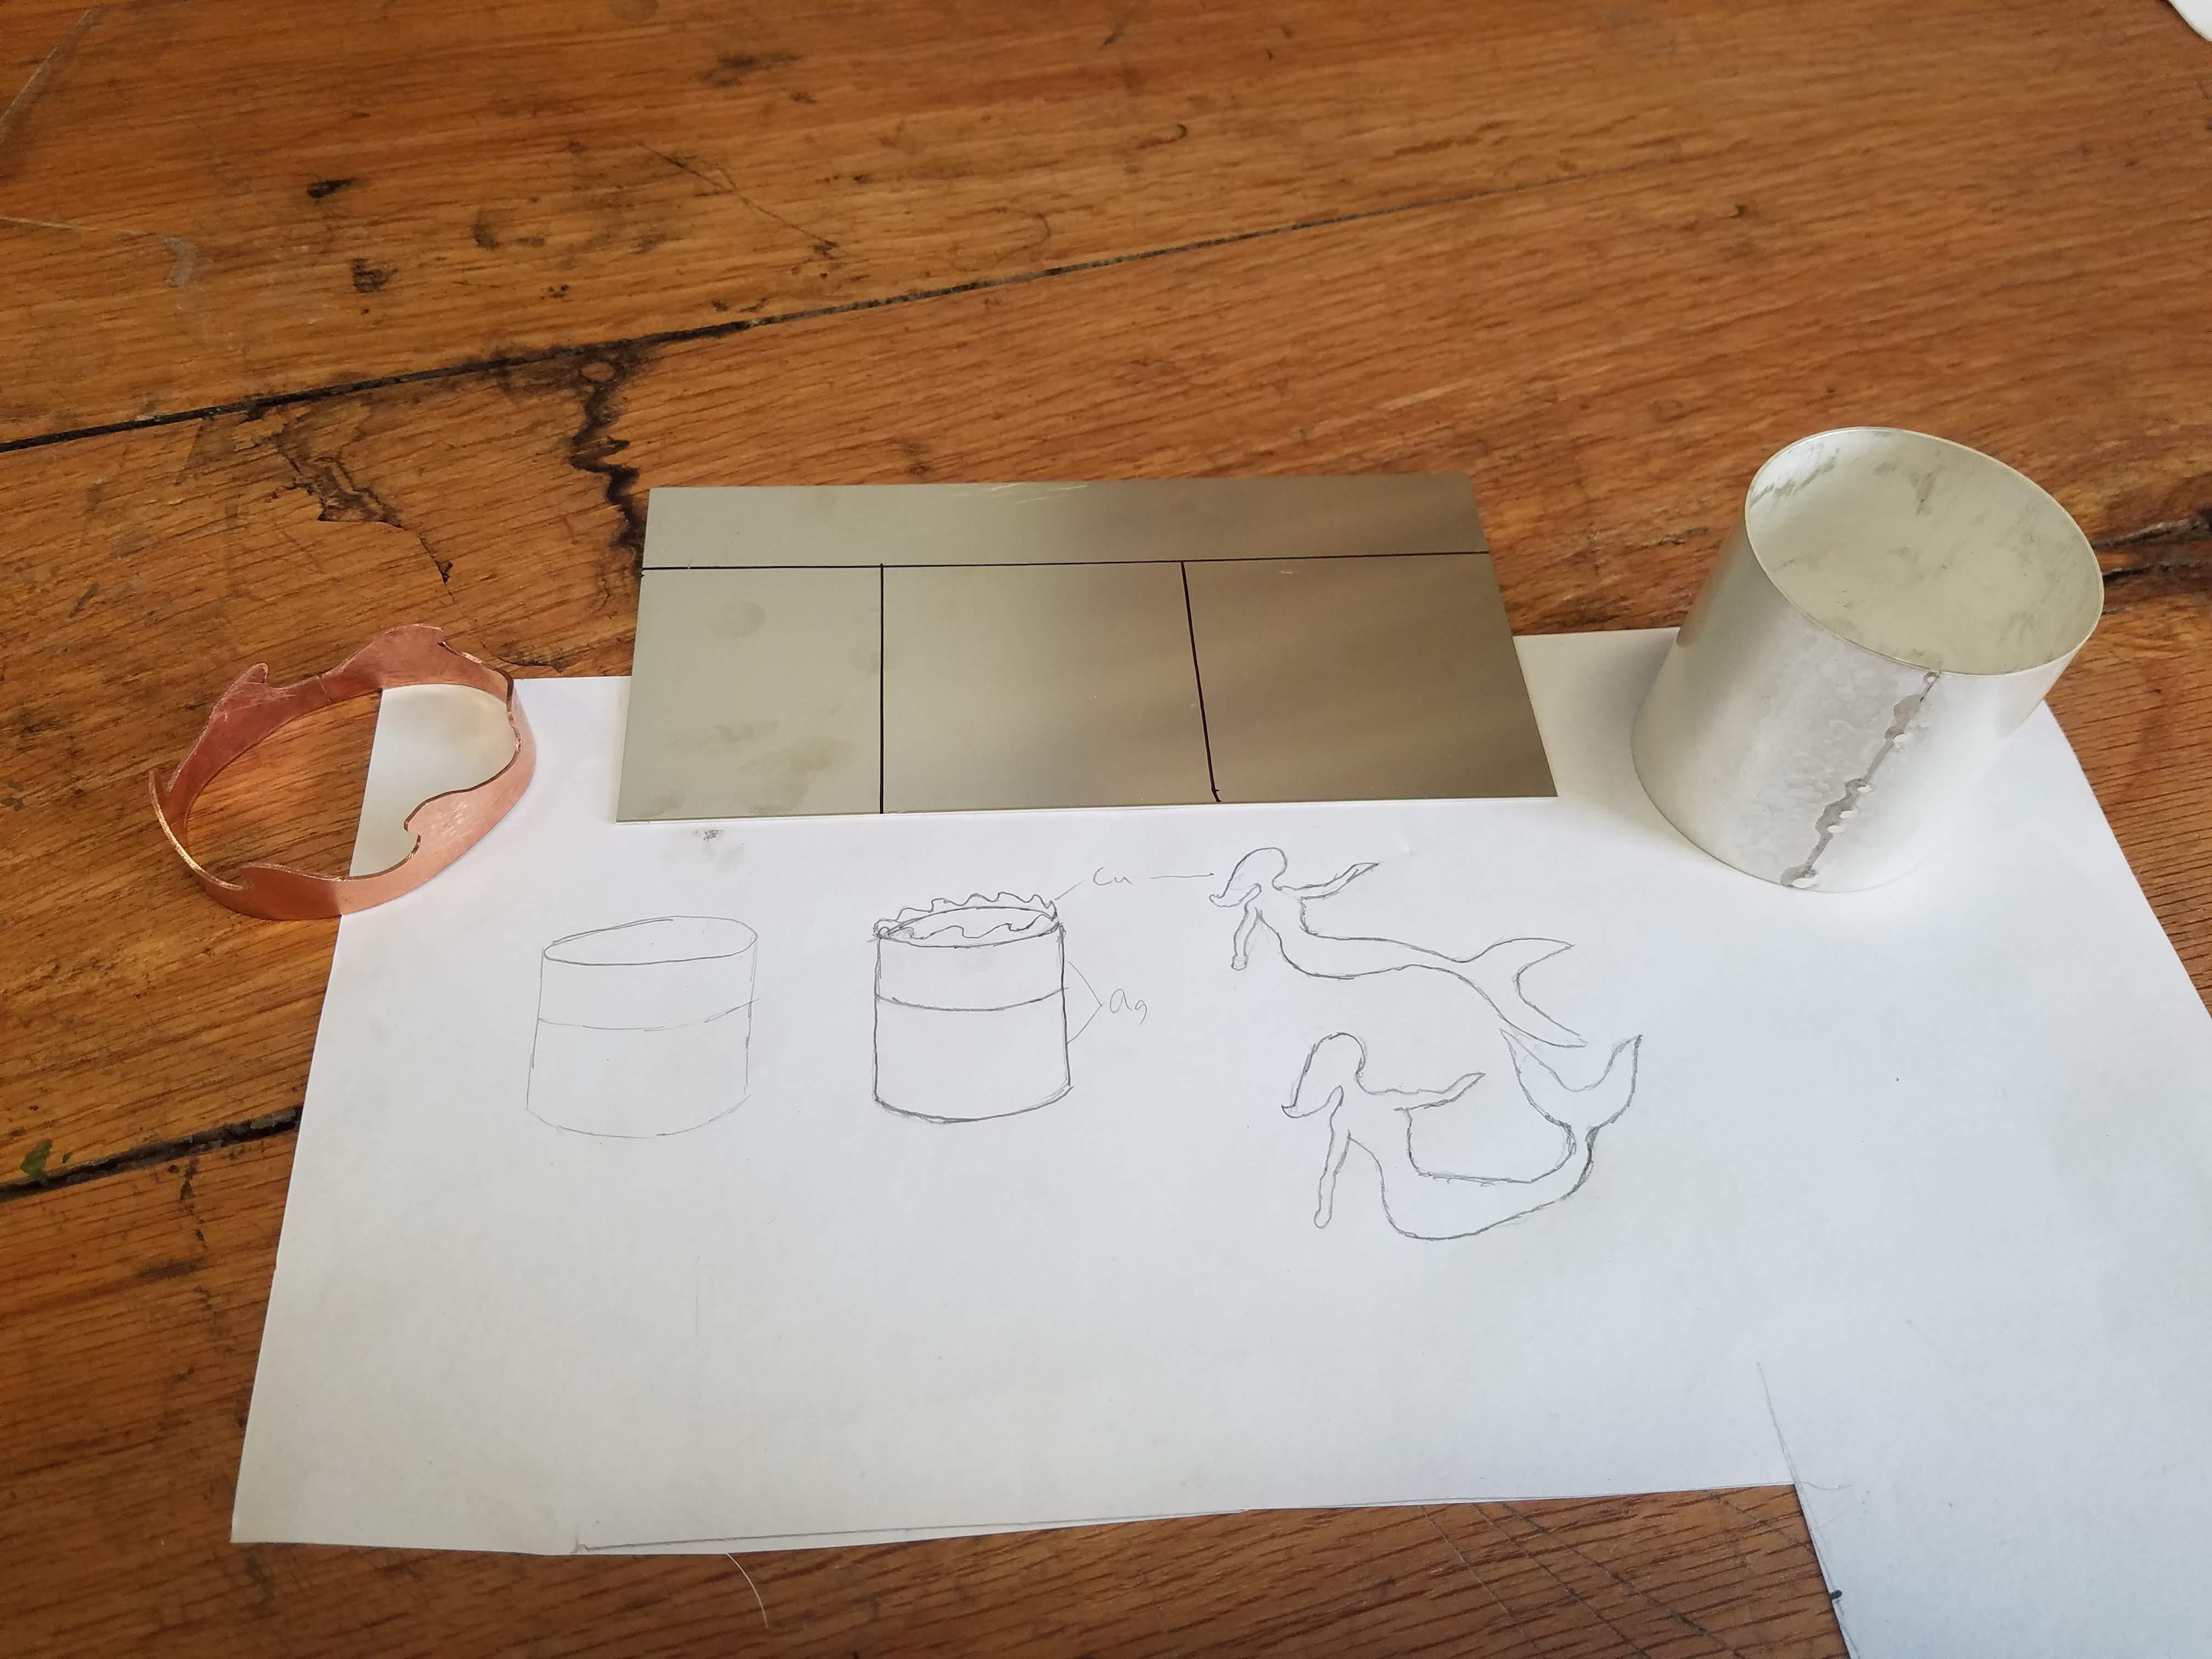 Jewlery design